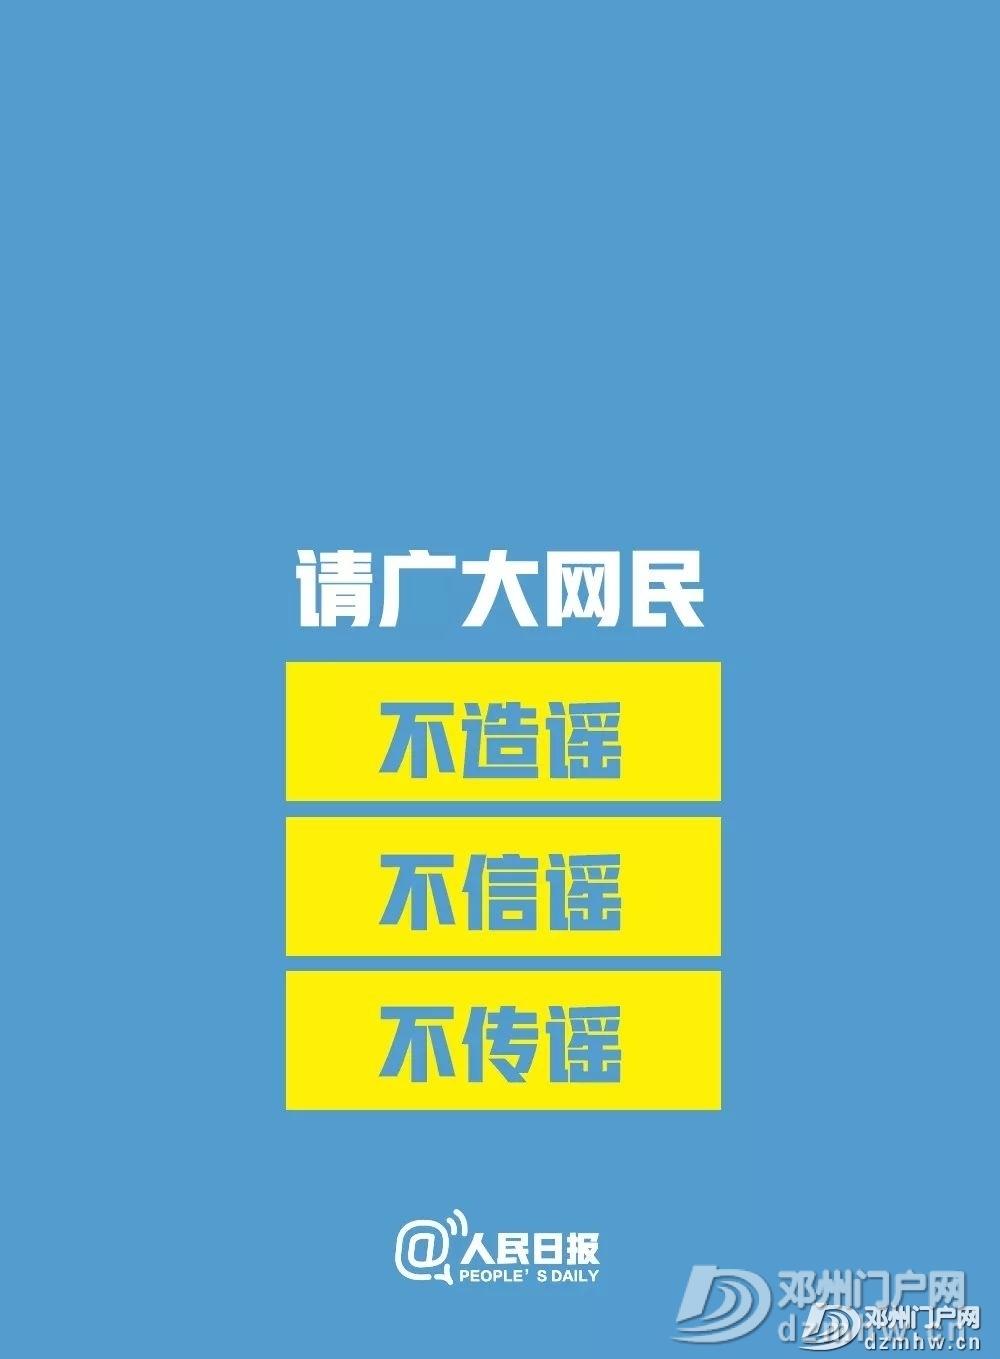 刚刚!河南确诊首位新型肺炎病例,邓州全面禁止销售活禽!铁路部门... - 邓州门户网 邓州网 - 00320492618_5f7df242.jpg